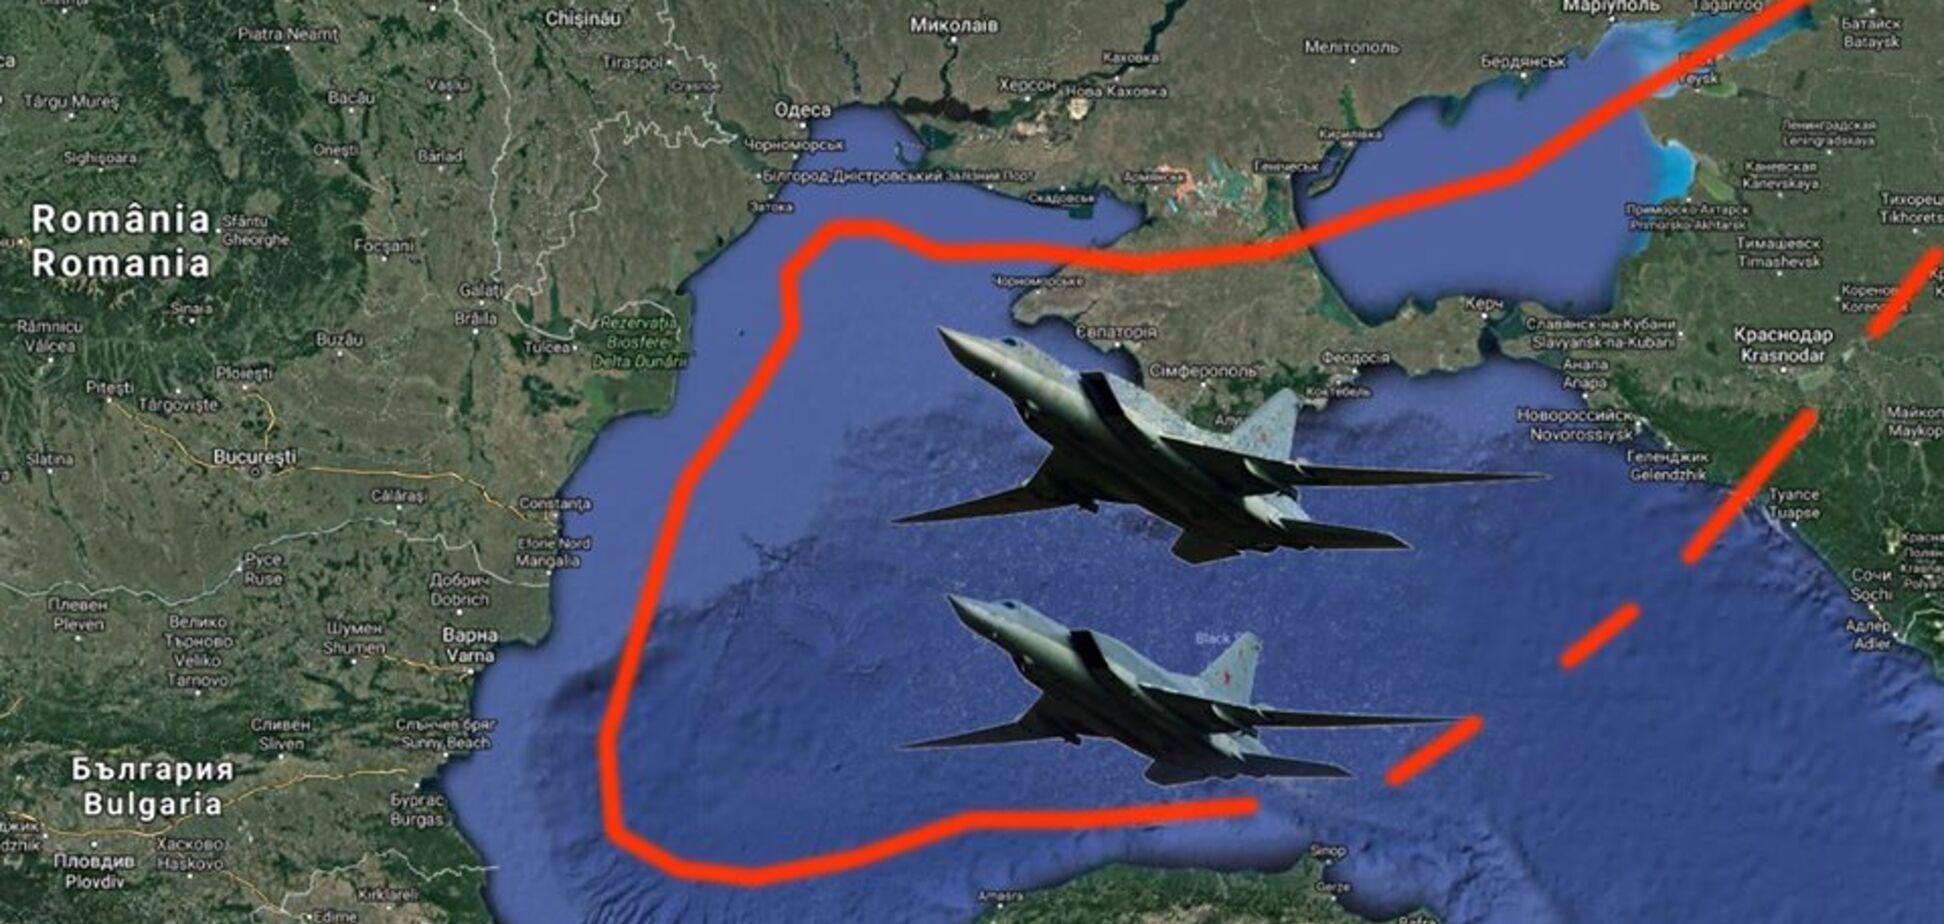 Росія відправила винищувачі і бомбардувальники до кордонів України